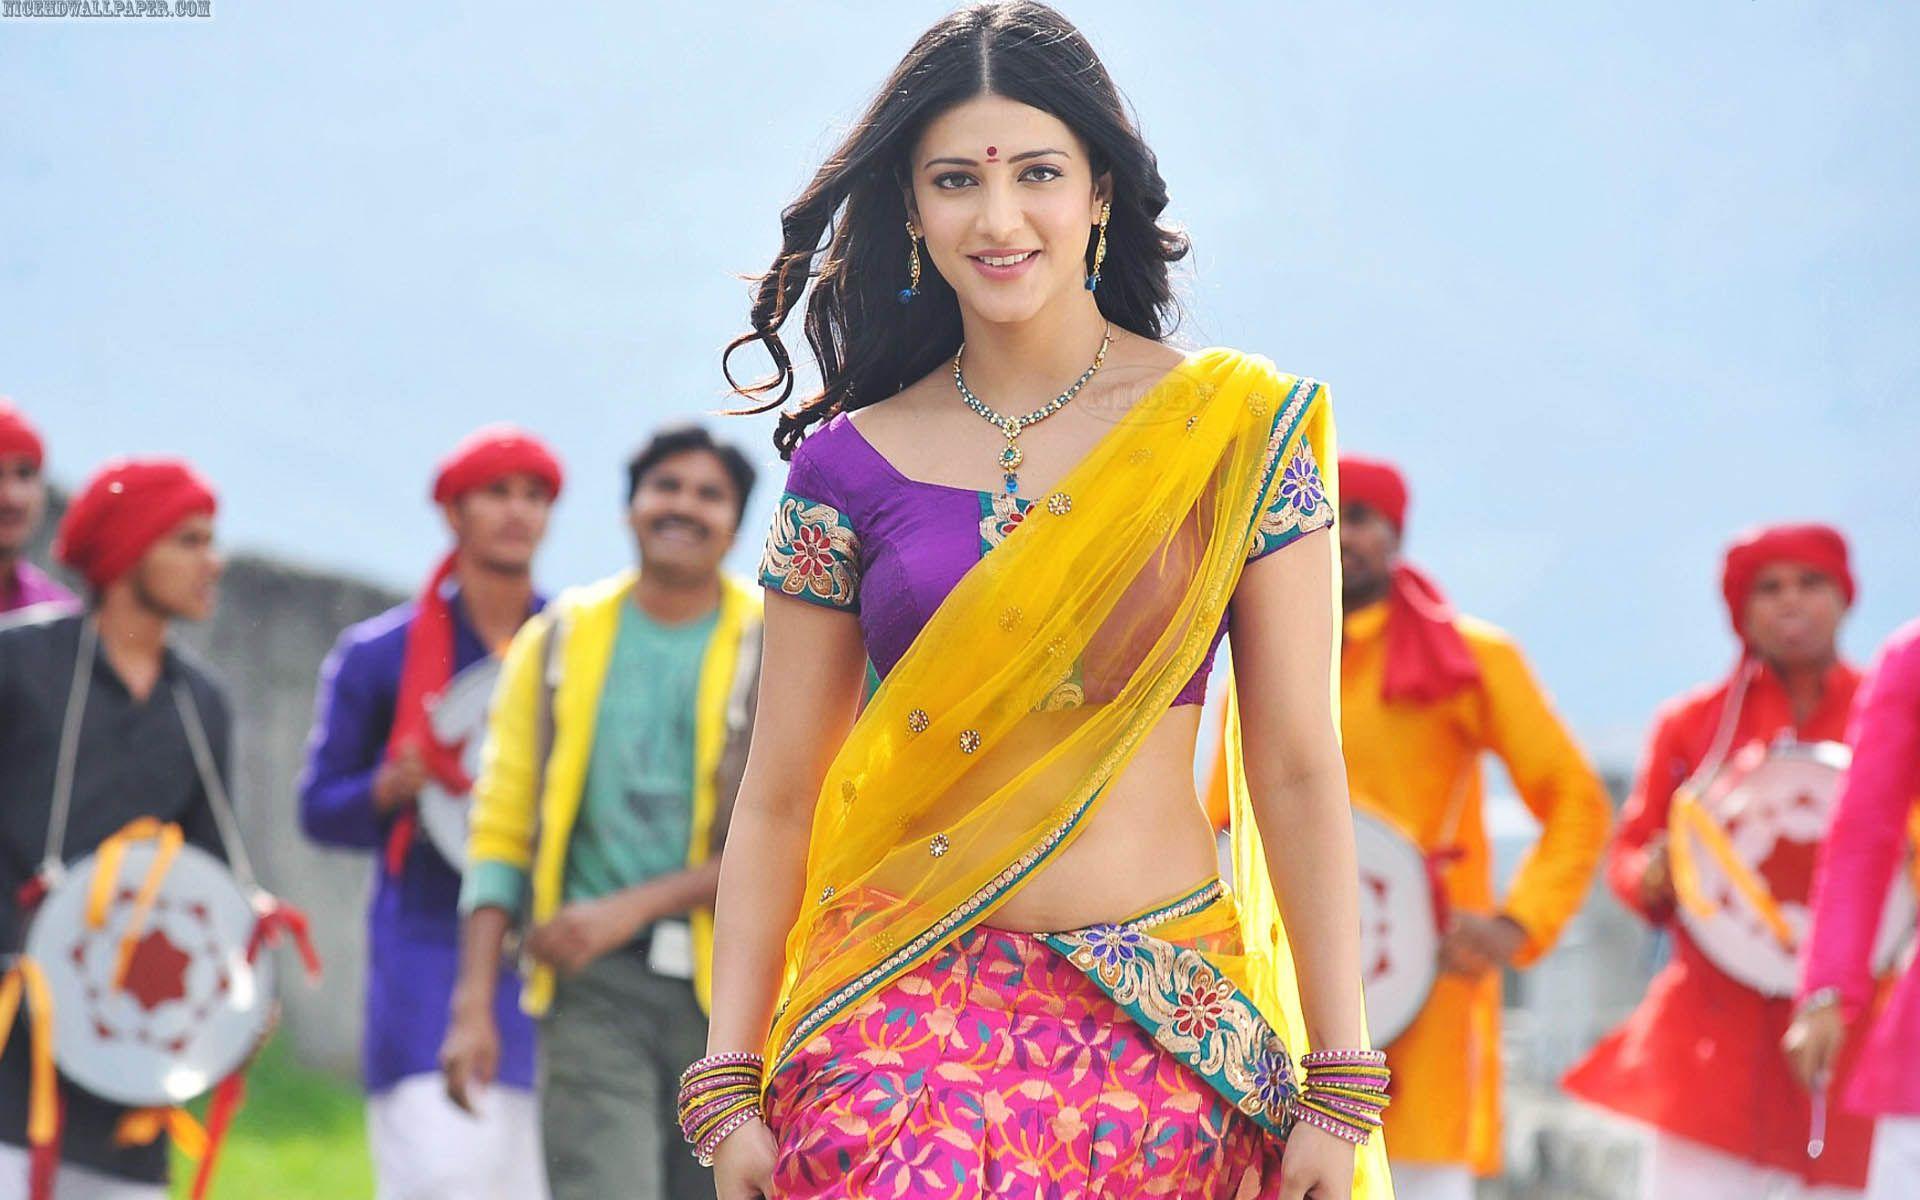 Hd wallpaper bollywood -  Bollywood Movies Wallpapers Hd